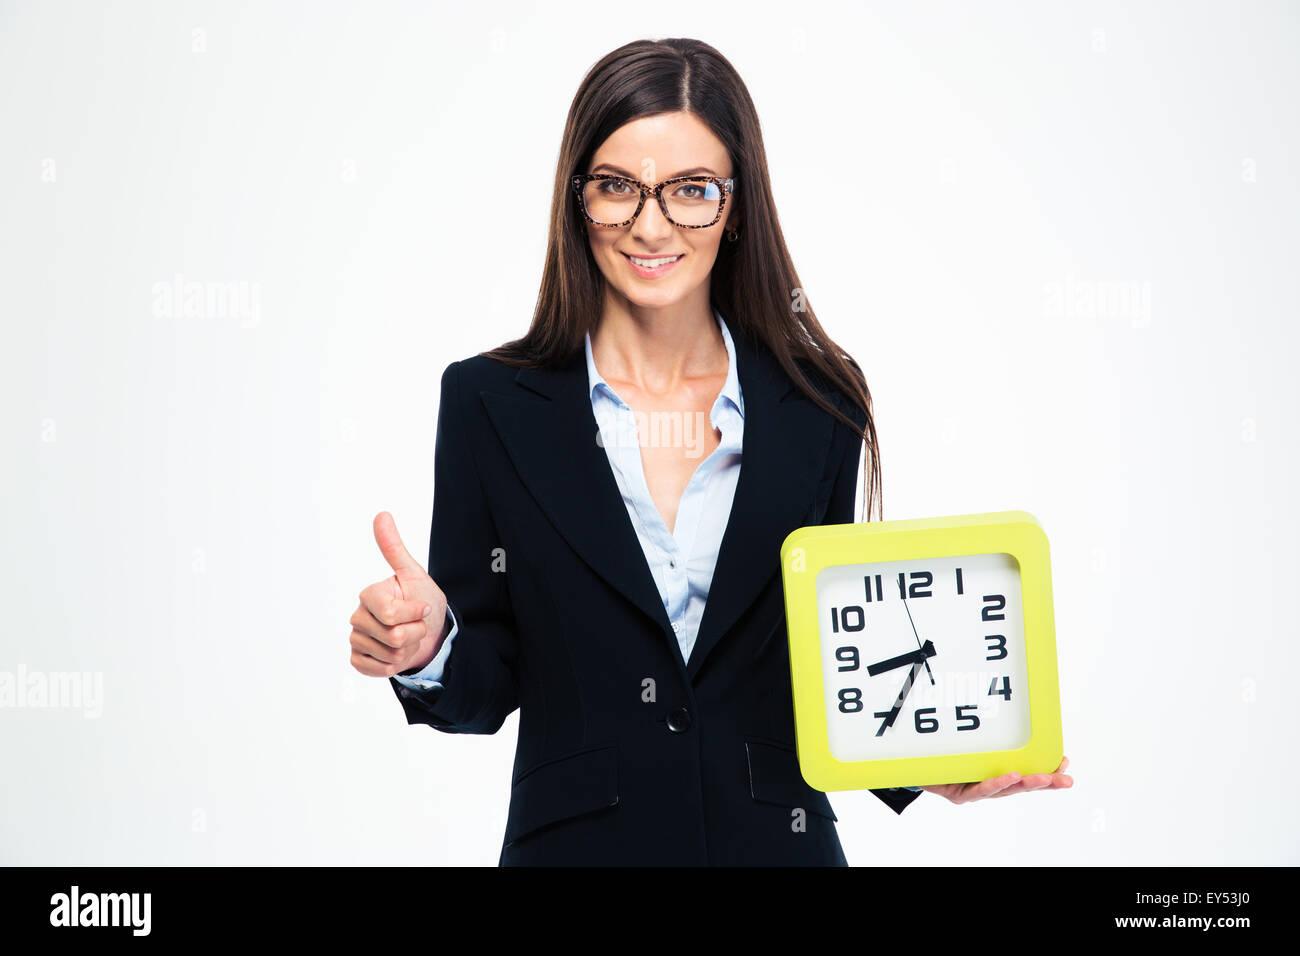 La empresaria sonriente sosteniendo el reloj y mostrando pulgar arriba aislado sobre un fondo blanco. Imagen De Stock